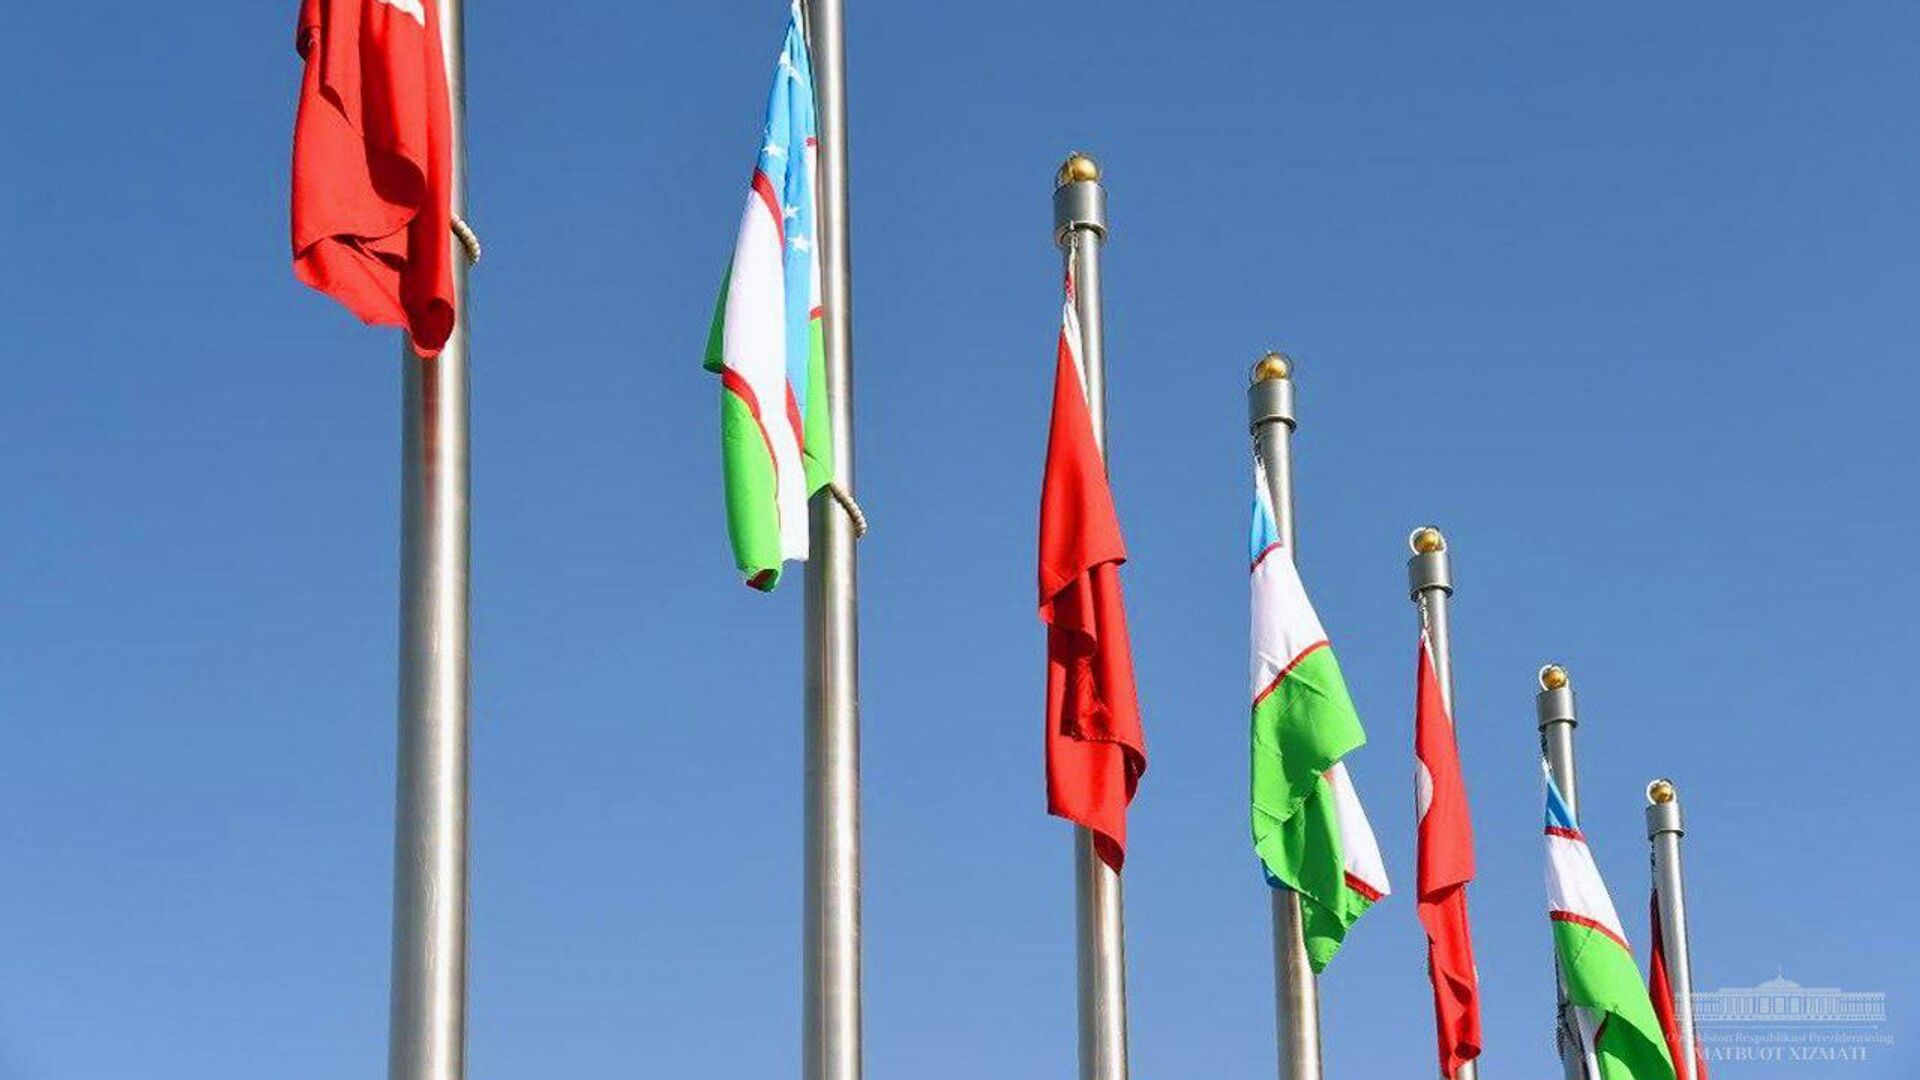 Президент Узбекистана Шавкат Мирзиёев прибыл в Турцию с визитом - Sputnik Узбекистан, 1920, 26.02.2021